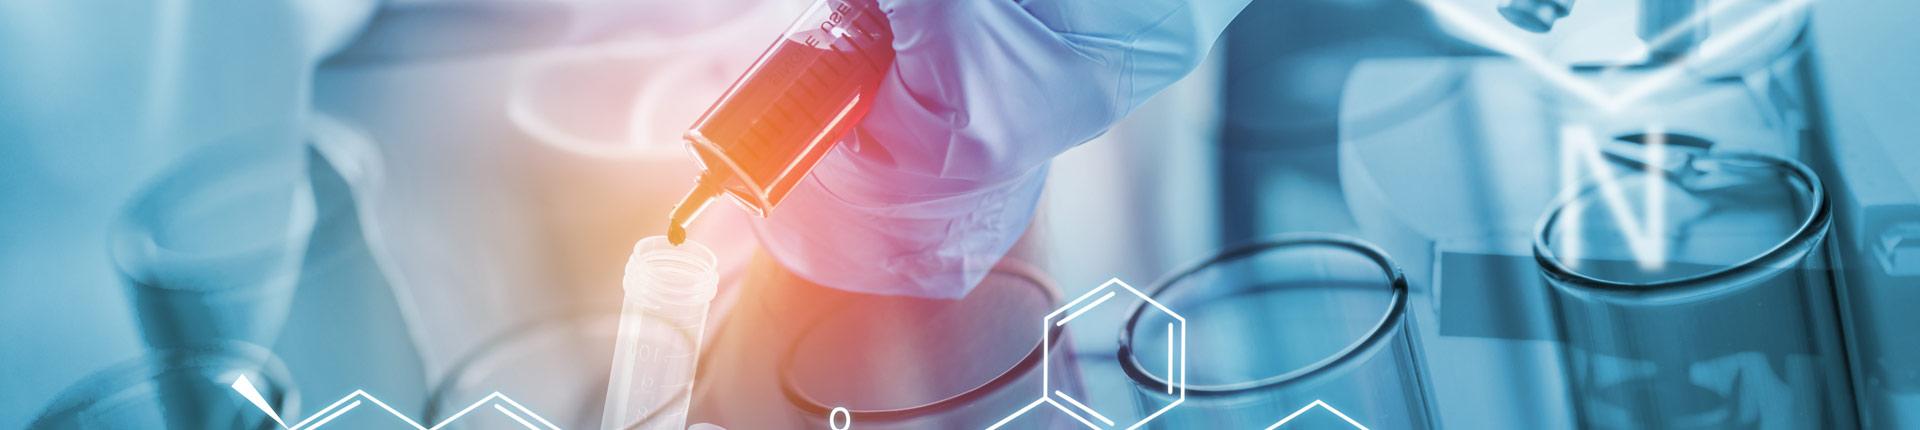 Czy testosteron powoduje raka prostaty?